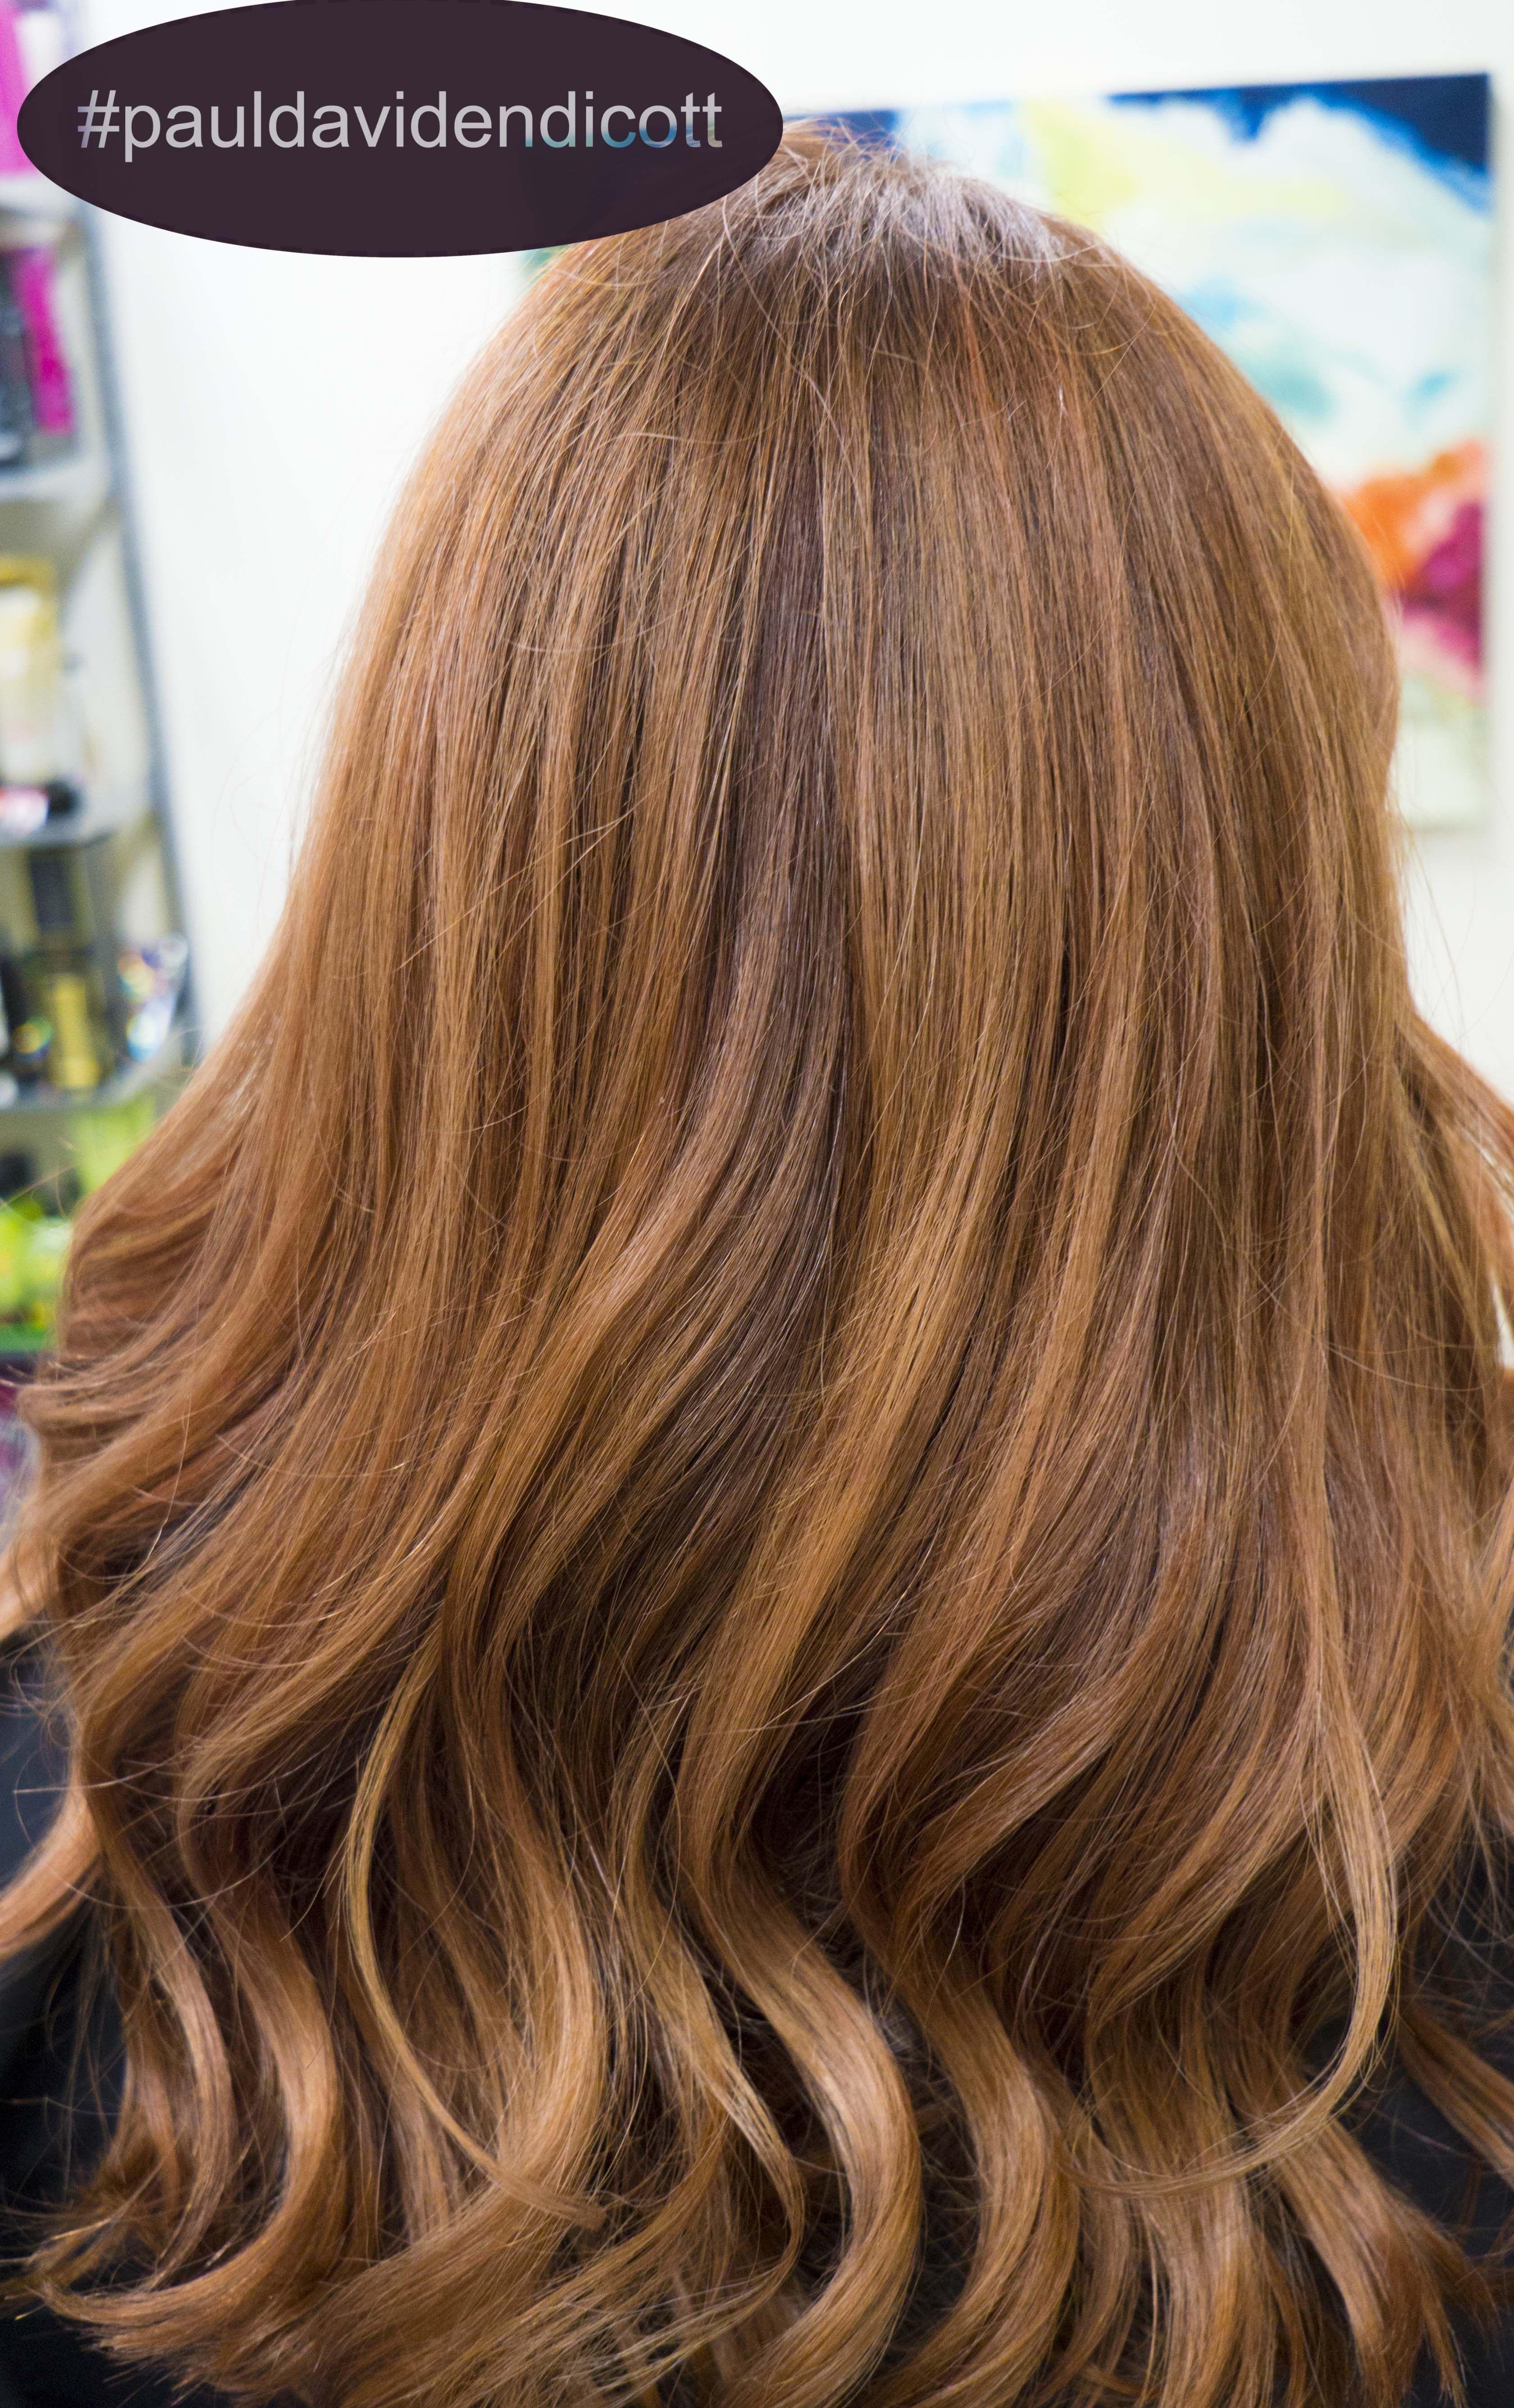 Pauldavidendicott rosegoldhair redhair balayage new hair